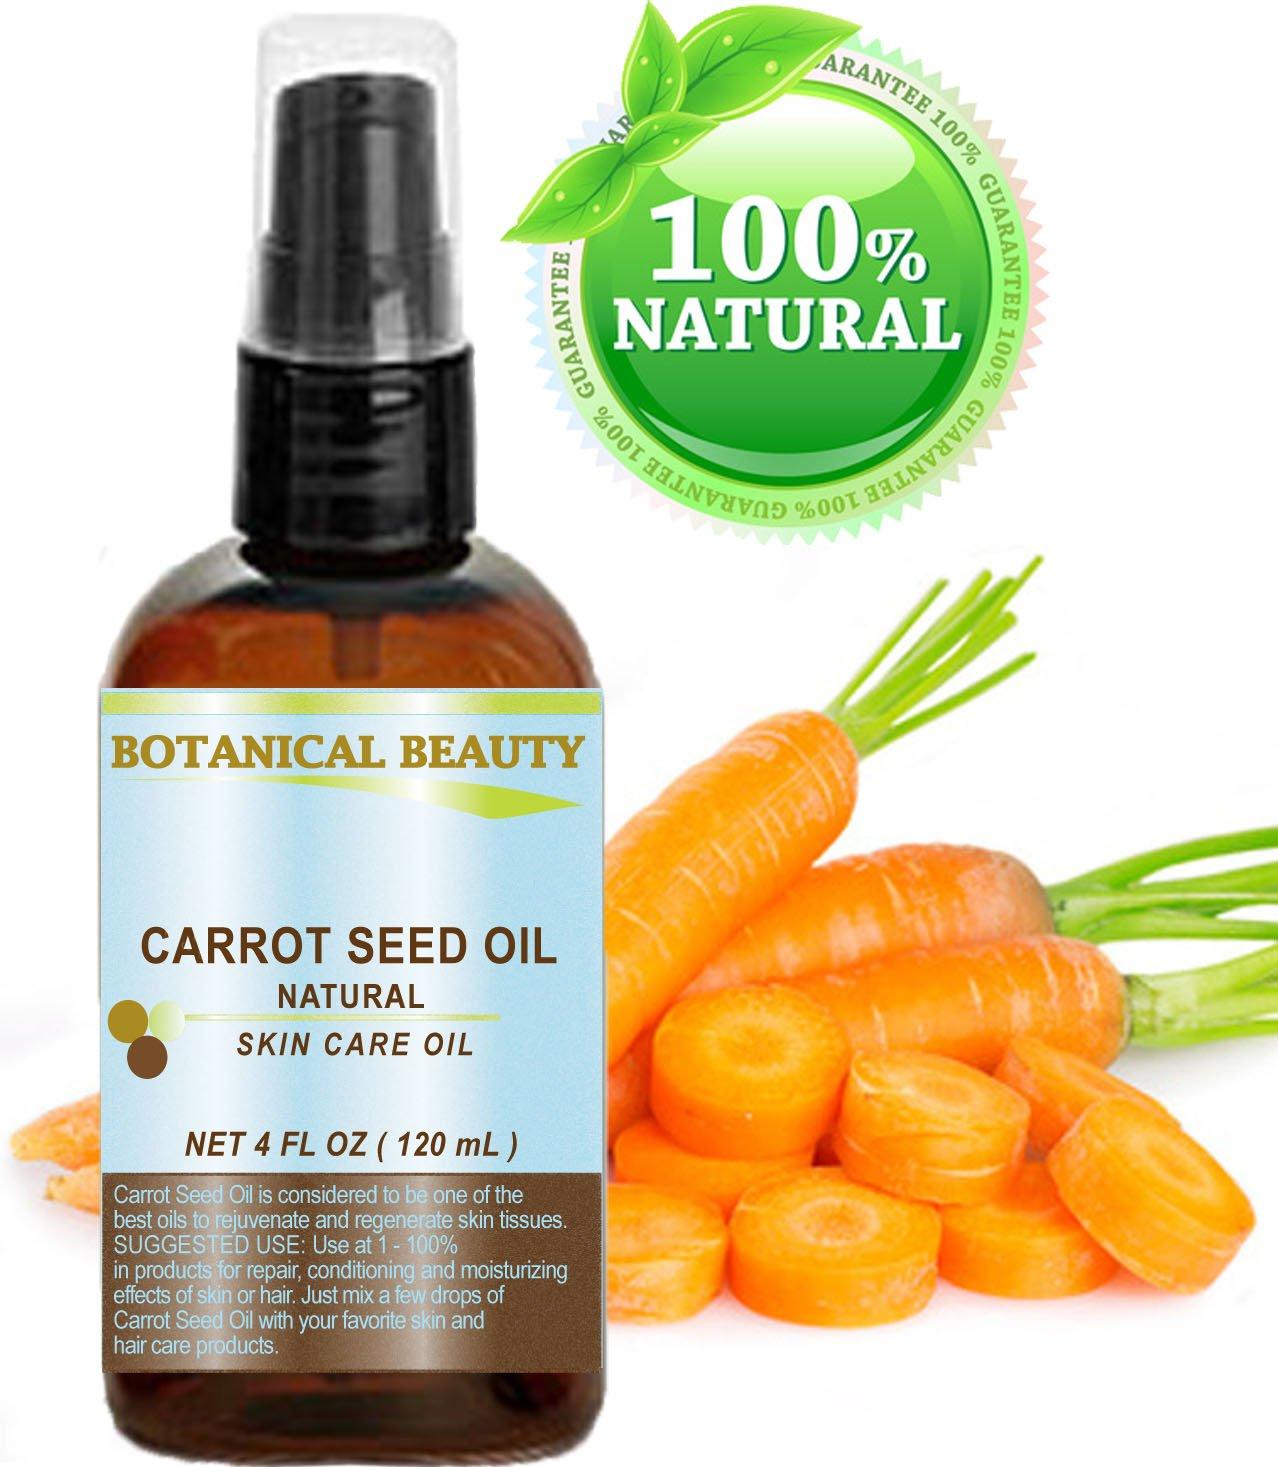 Zanahoria Aceite de Semillas 100% natural fría transporte de petróleo pressée - 120 ml. Piel, del cuerpo, des Cabello y cuidado labios.: Amazon.es: Belleza